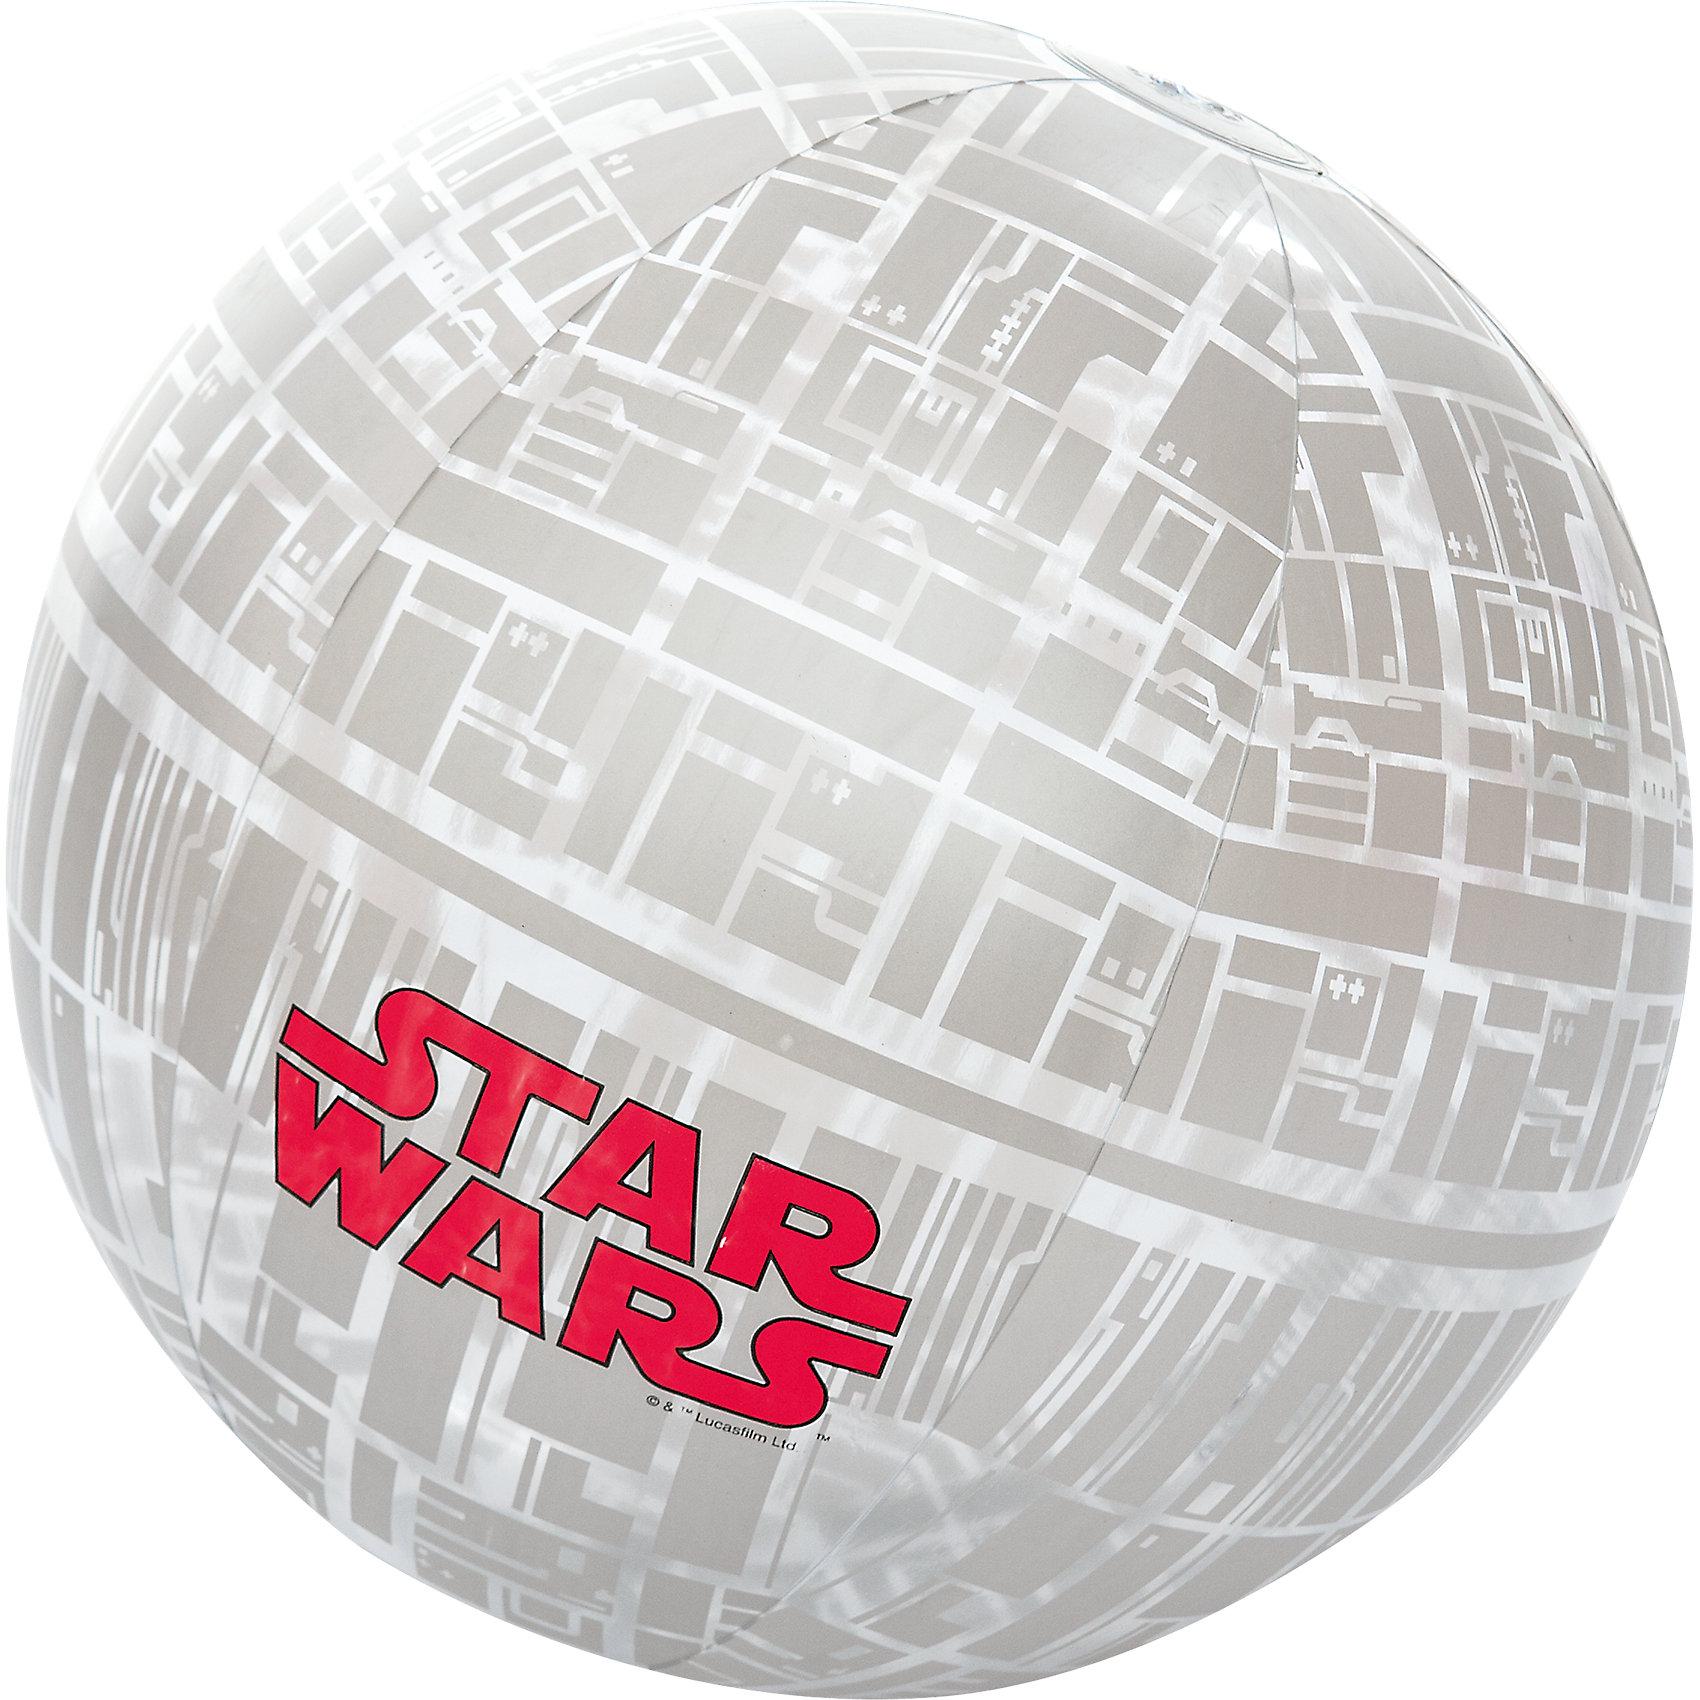 Мяч пляжный Космическая станция 61 см, Звёздные войны , BestwayПляжные мячи<br>Характеристики товара:<br><br>• материал: винил<br>• диаметр: 61 см<br>• надувной<br>• можно играть на воде и на суше<br>• прочный материал <br>• яркие цвета<br>• хорошо заметен на воде<br>• страна бренда: США, Китай<br>• страна производства: Китай<br><br>Это отличный способ обеспечить детям веселое времяпровождение! Такой мяч позволяет не только участвовать в активных играх, он поможет ребенку больше двигаться и поддерживать хорошую физическую форму.<br><br>Предмет сделаны из прочного материала, он легко надувается. Мяч легкий, его удобно брать с собой. Изделия произведены из качественных и безопасных для детей материалов.<br><br>Мяч пляжный Космическая станция 61 см, Звёздные войны от бренда Bestway (Бествей) можно купить в нашем интернет-магазине.<br><br>Ширина мм: 193<br>Глубина мм: 124<br>Высота мм: 35<br>Вес г: 141<br>Возраст от месяцев: 24<br>Возраст до месяцев: 2147483647<br>Пол: Мужской<br>Возраст: Детский<br>SKU: 4292364